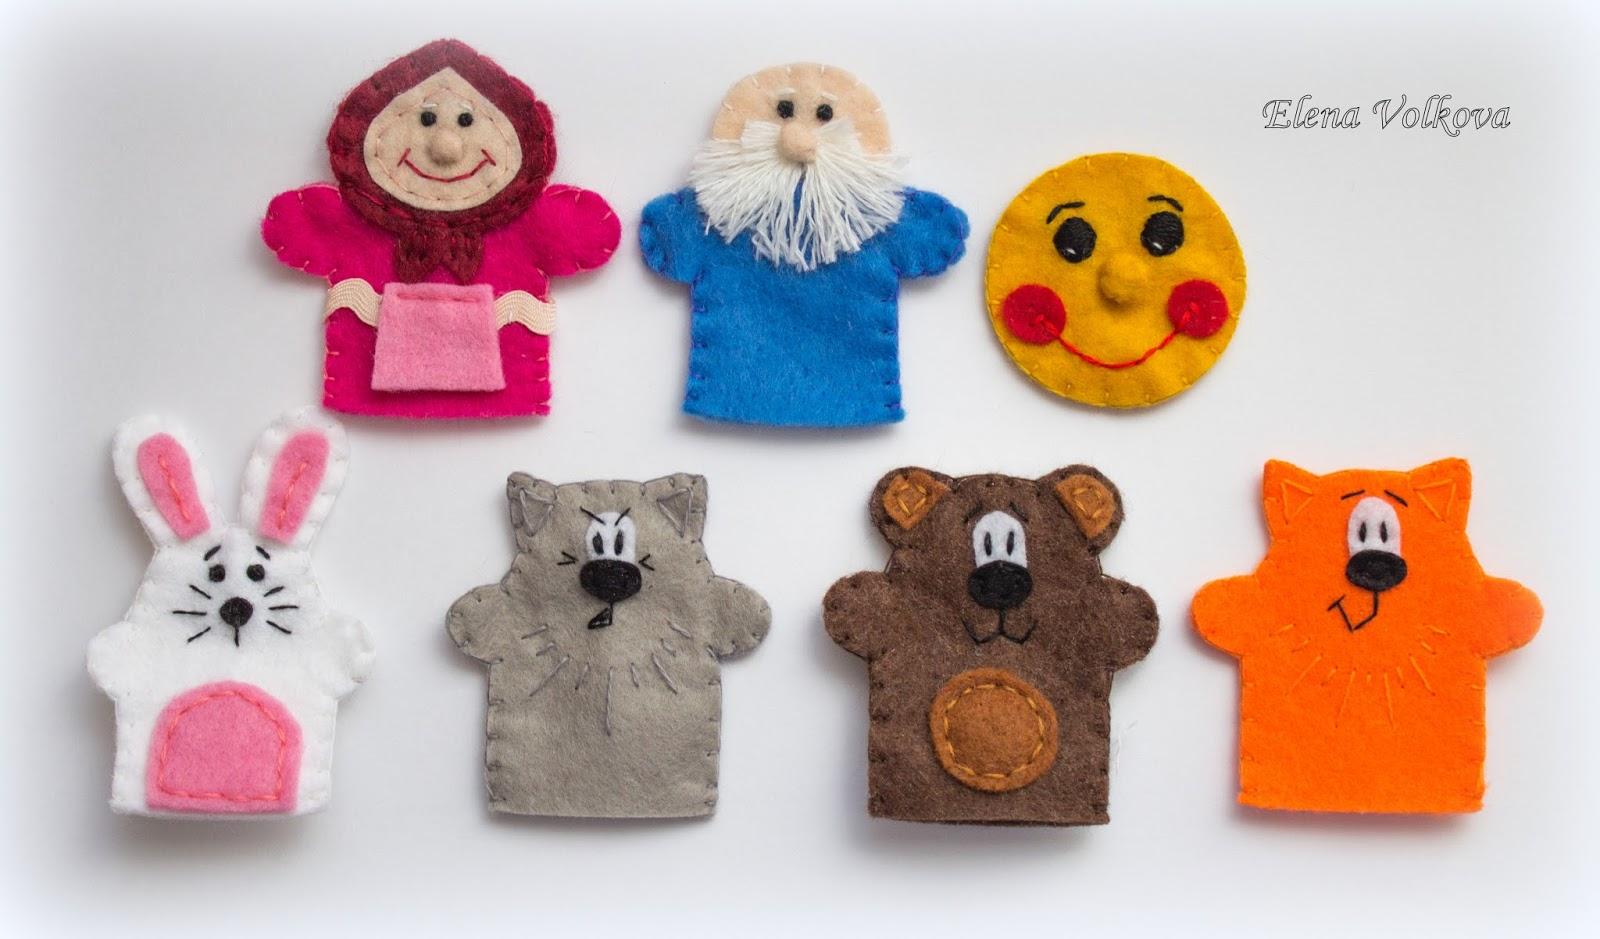 Настольный кукольный театр своими руками: выкройки и описание 3